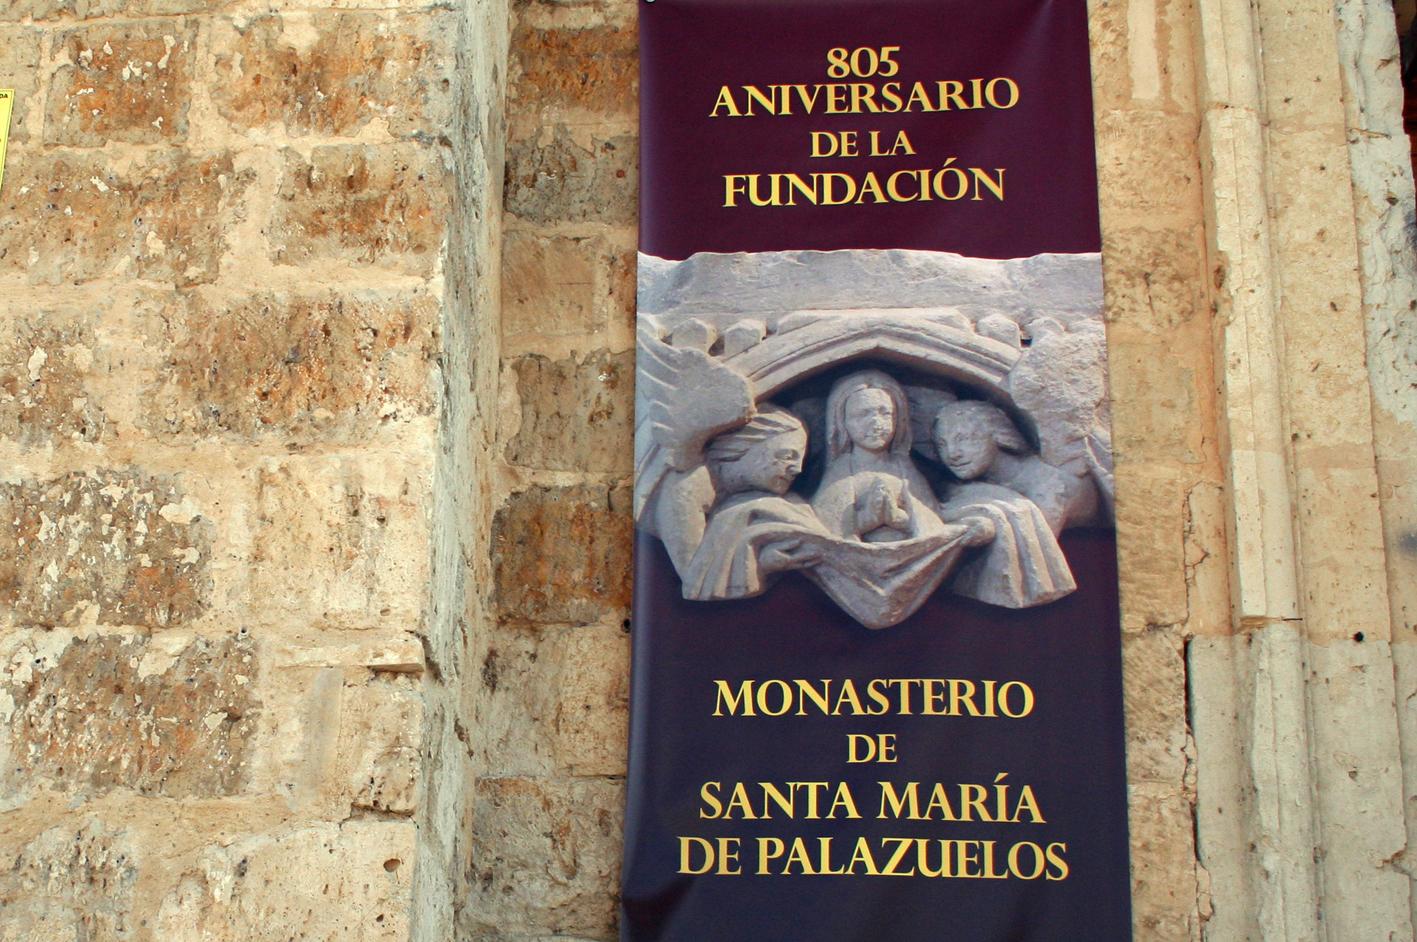 805 aniversario cartel